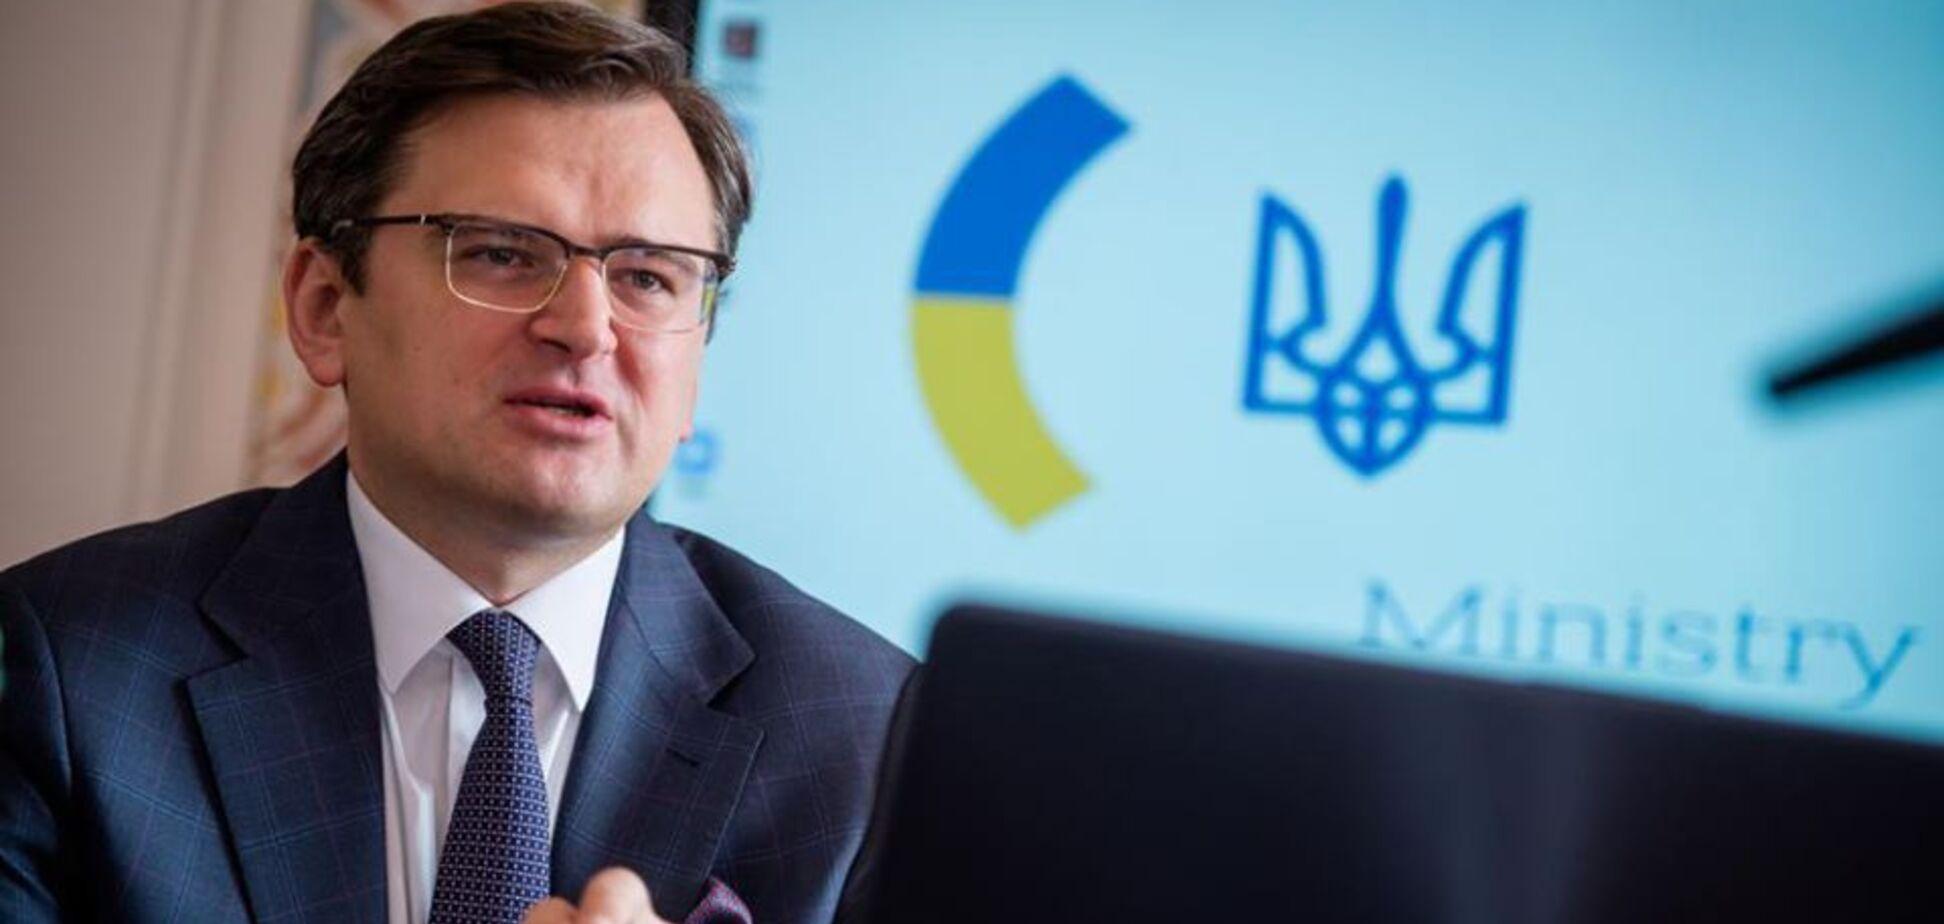 Кулеба рассказал, как Козак ''исподтишка'' ездил на переговоры в Берлин. Источник: Facebook МИД Украины